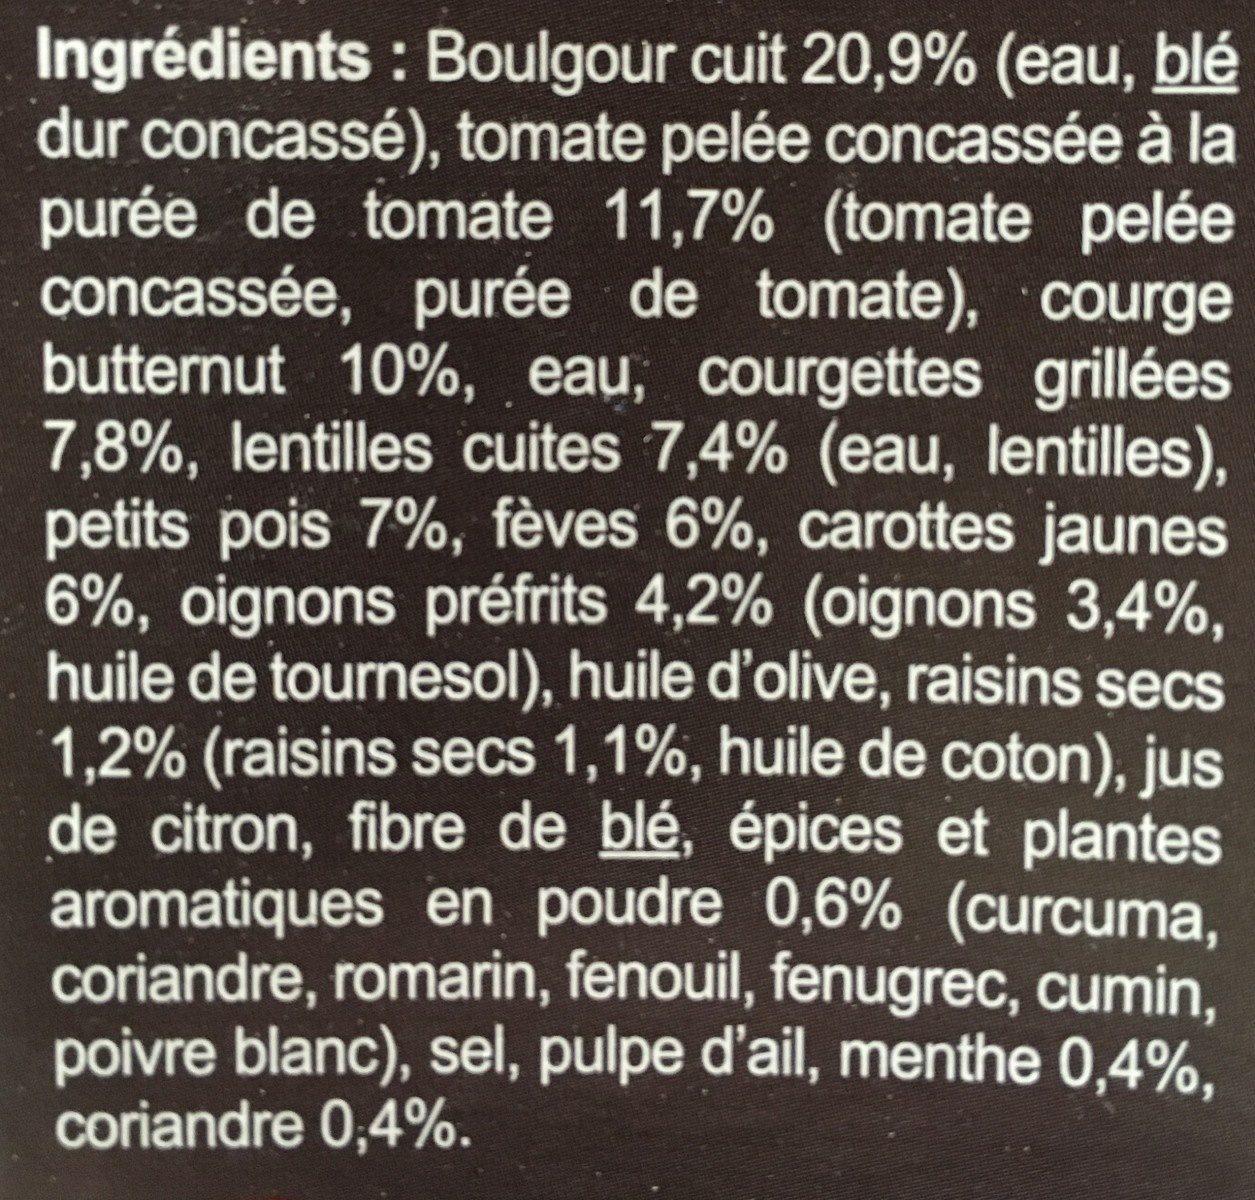 Boulgour  Butternut et fève à l'orientale - Ingrediënten - fr